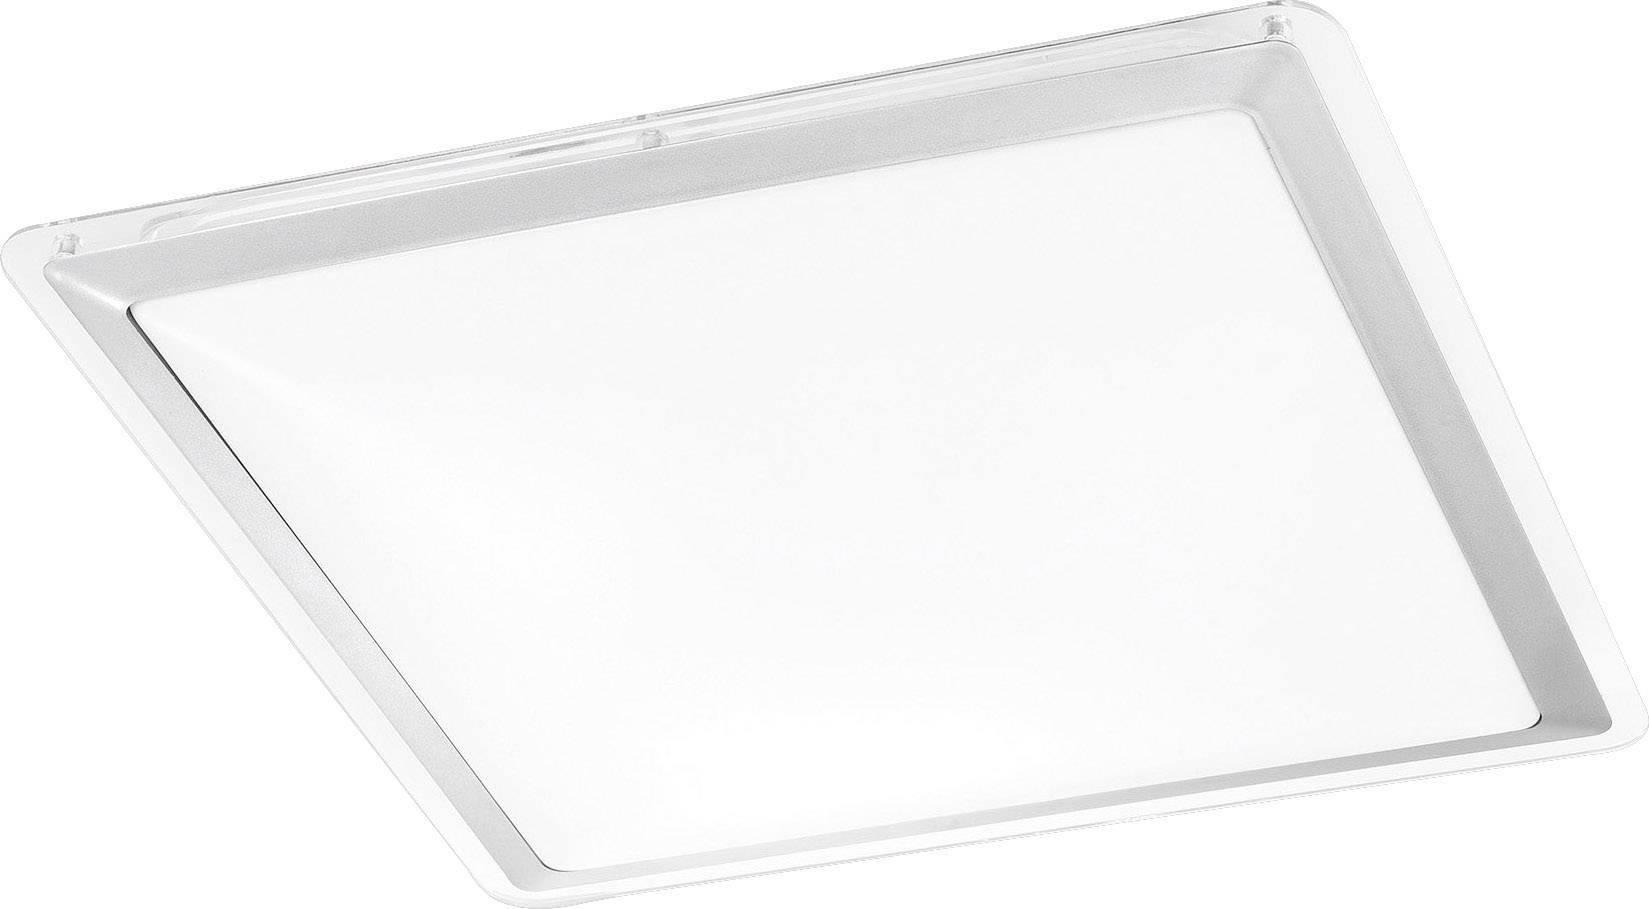 LeuchtenDirekt Labol 14267-55 LED-Bad-Deckenleuchte EEK: LED (A++ - E) 12 W  Warm-Weiß Stahl